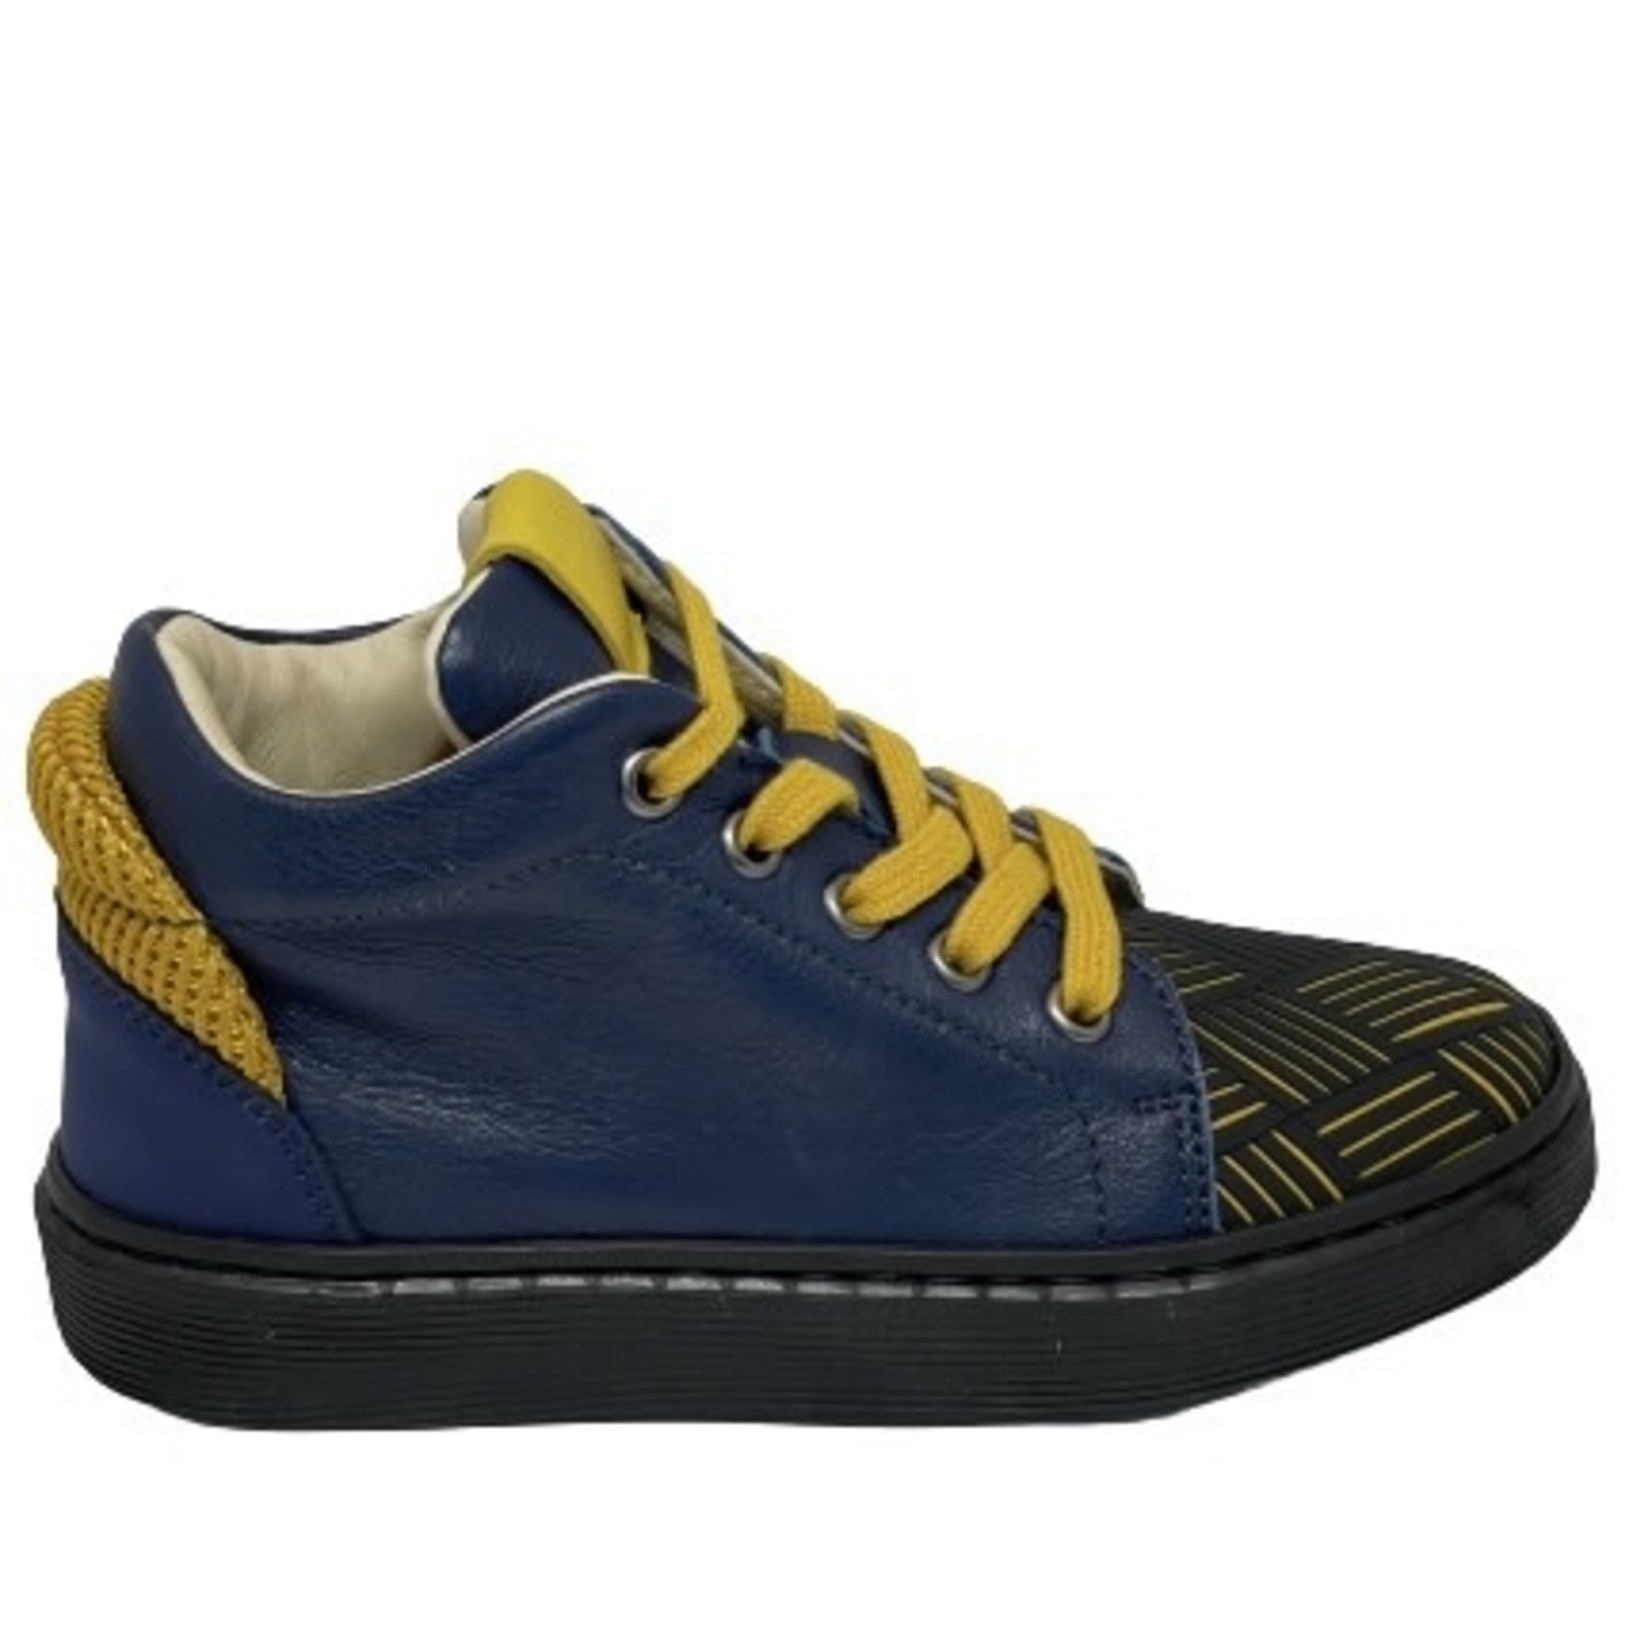 Blauw/geel raat